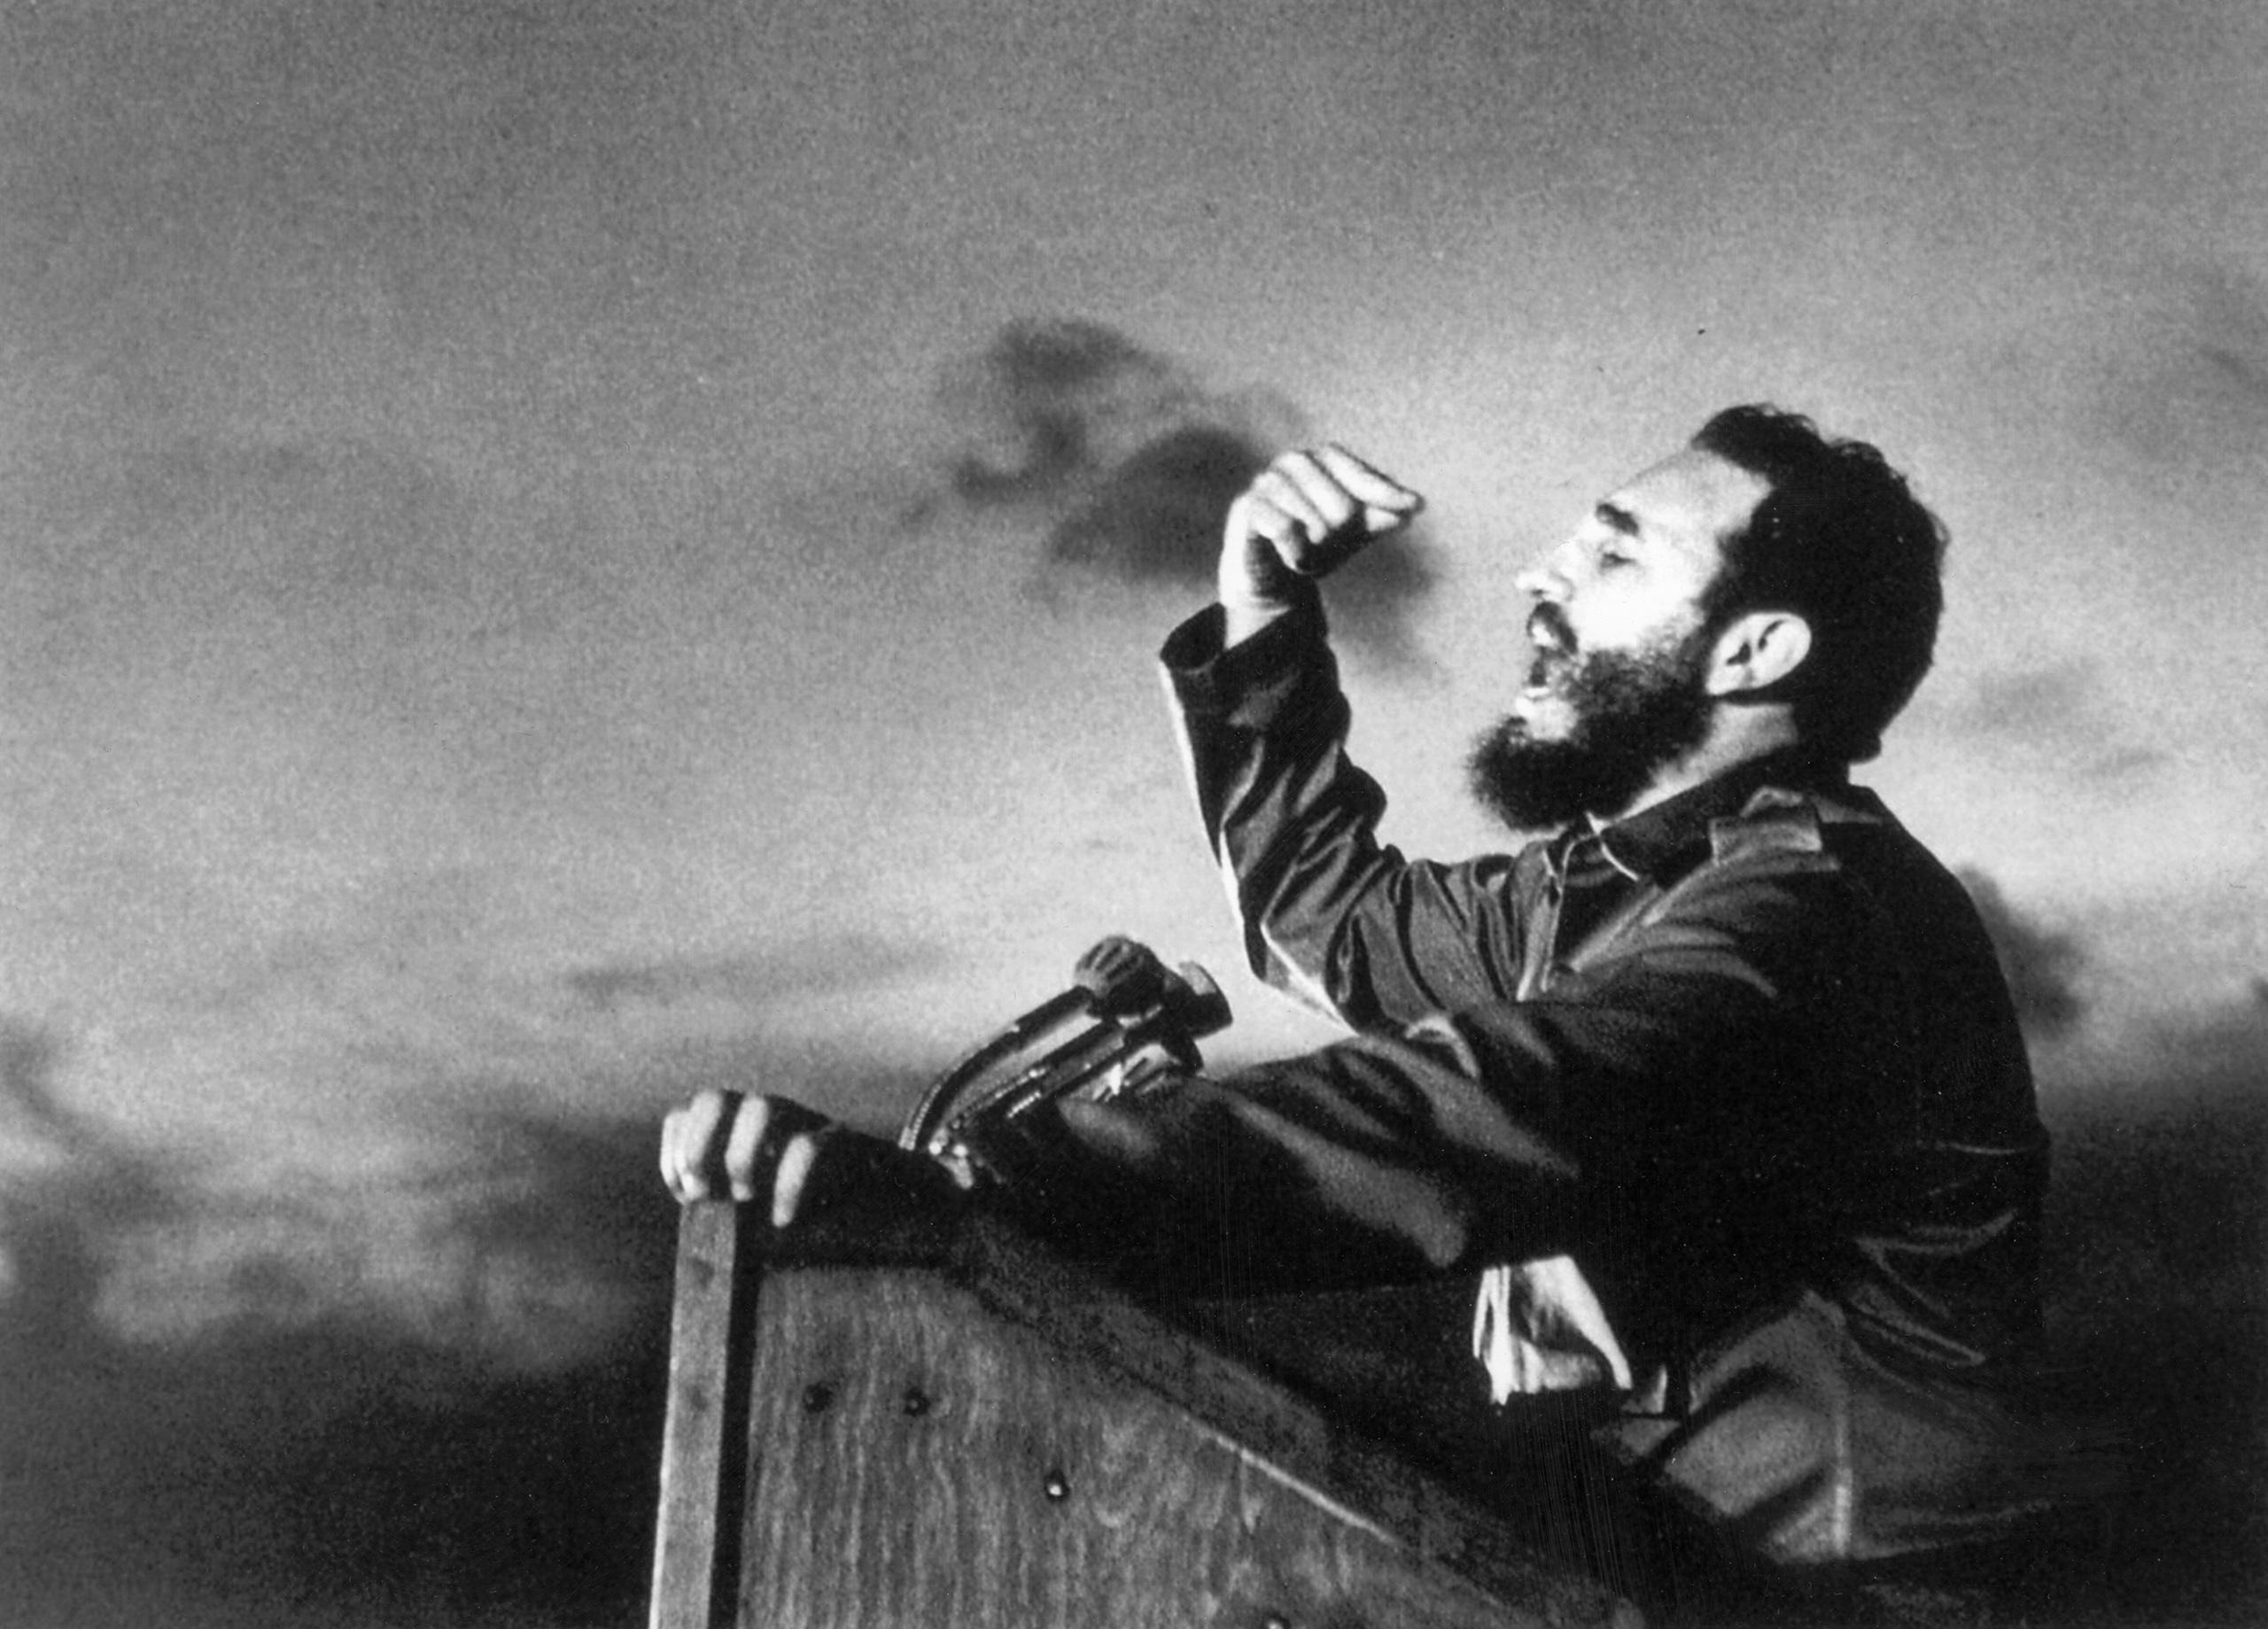 Fidel Castro, a master orator, delivers a speech circa 1960.